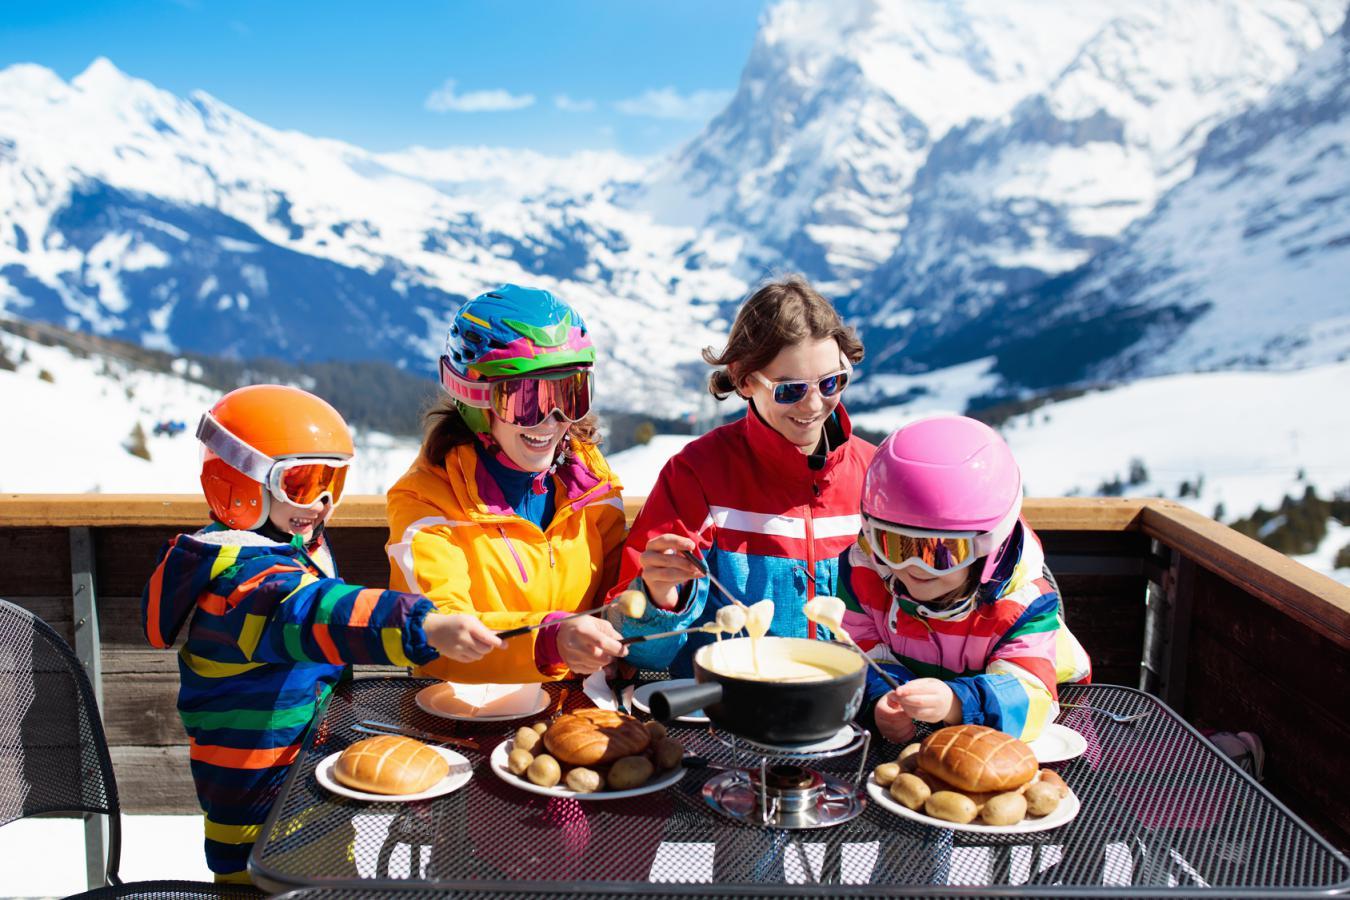 Séjour au ski en Savoie et plaisirs culinaires